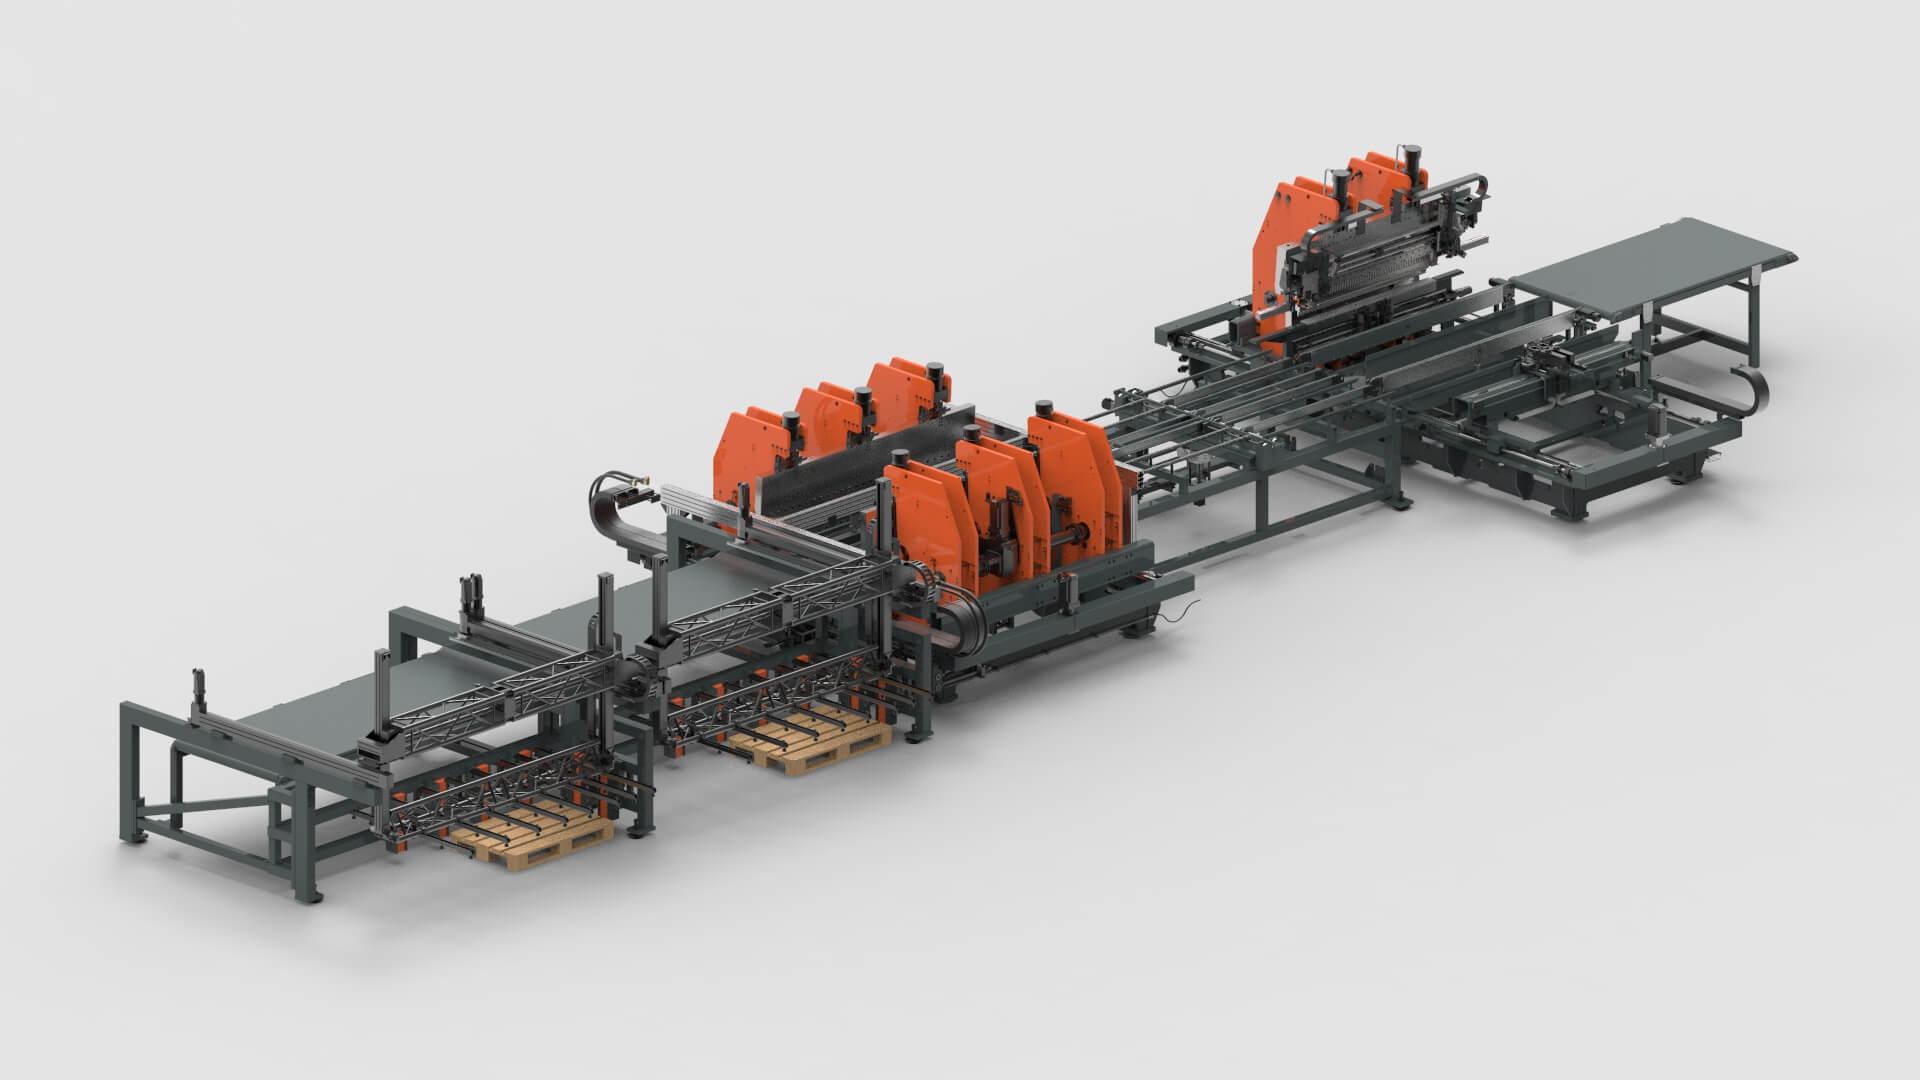 wemo-stahltüren-blechbearbeitung-biegen-produktionslinie.jpg